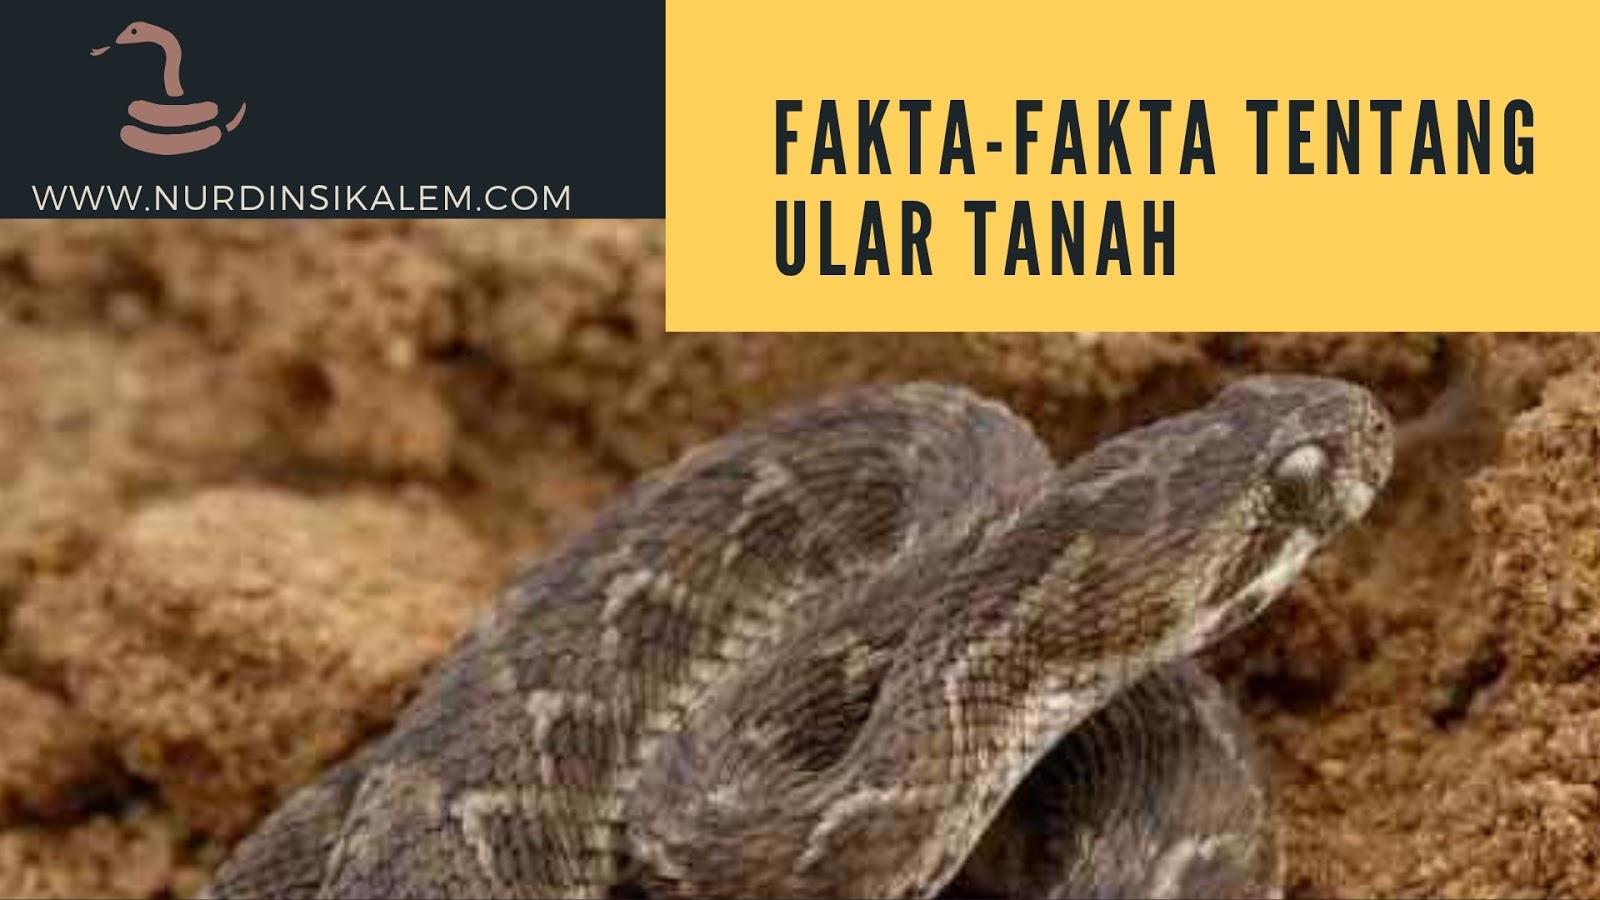 Gambar ular tanah